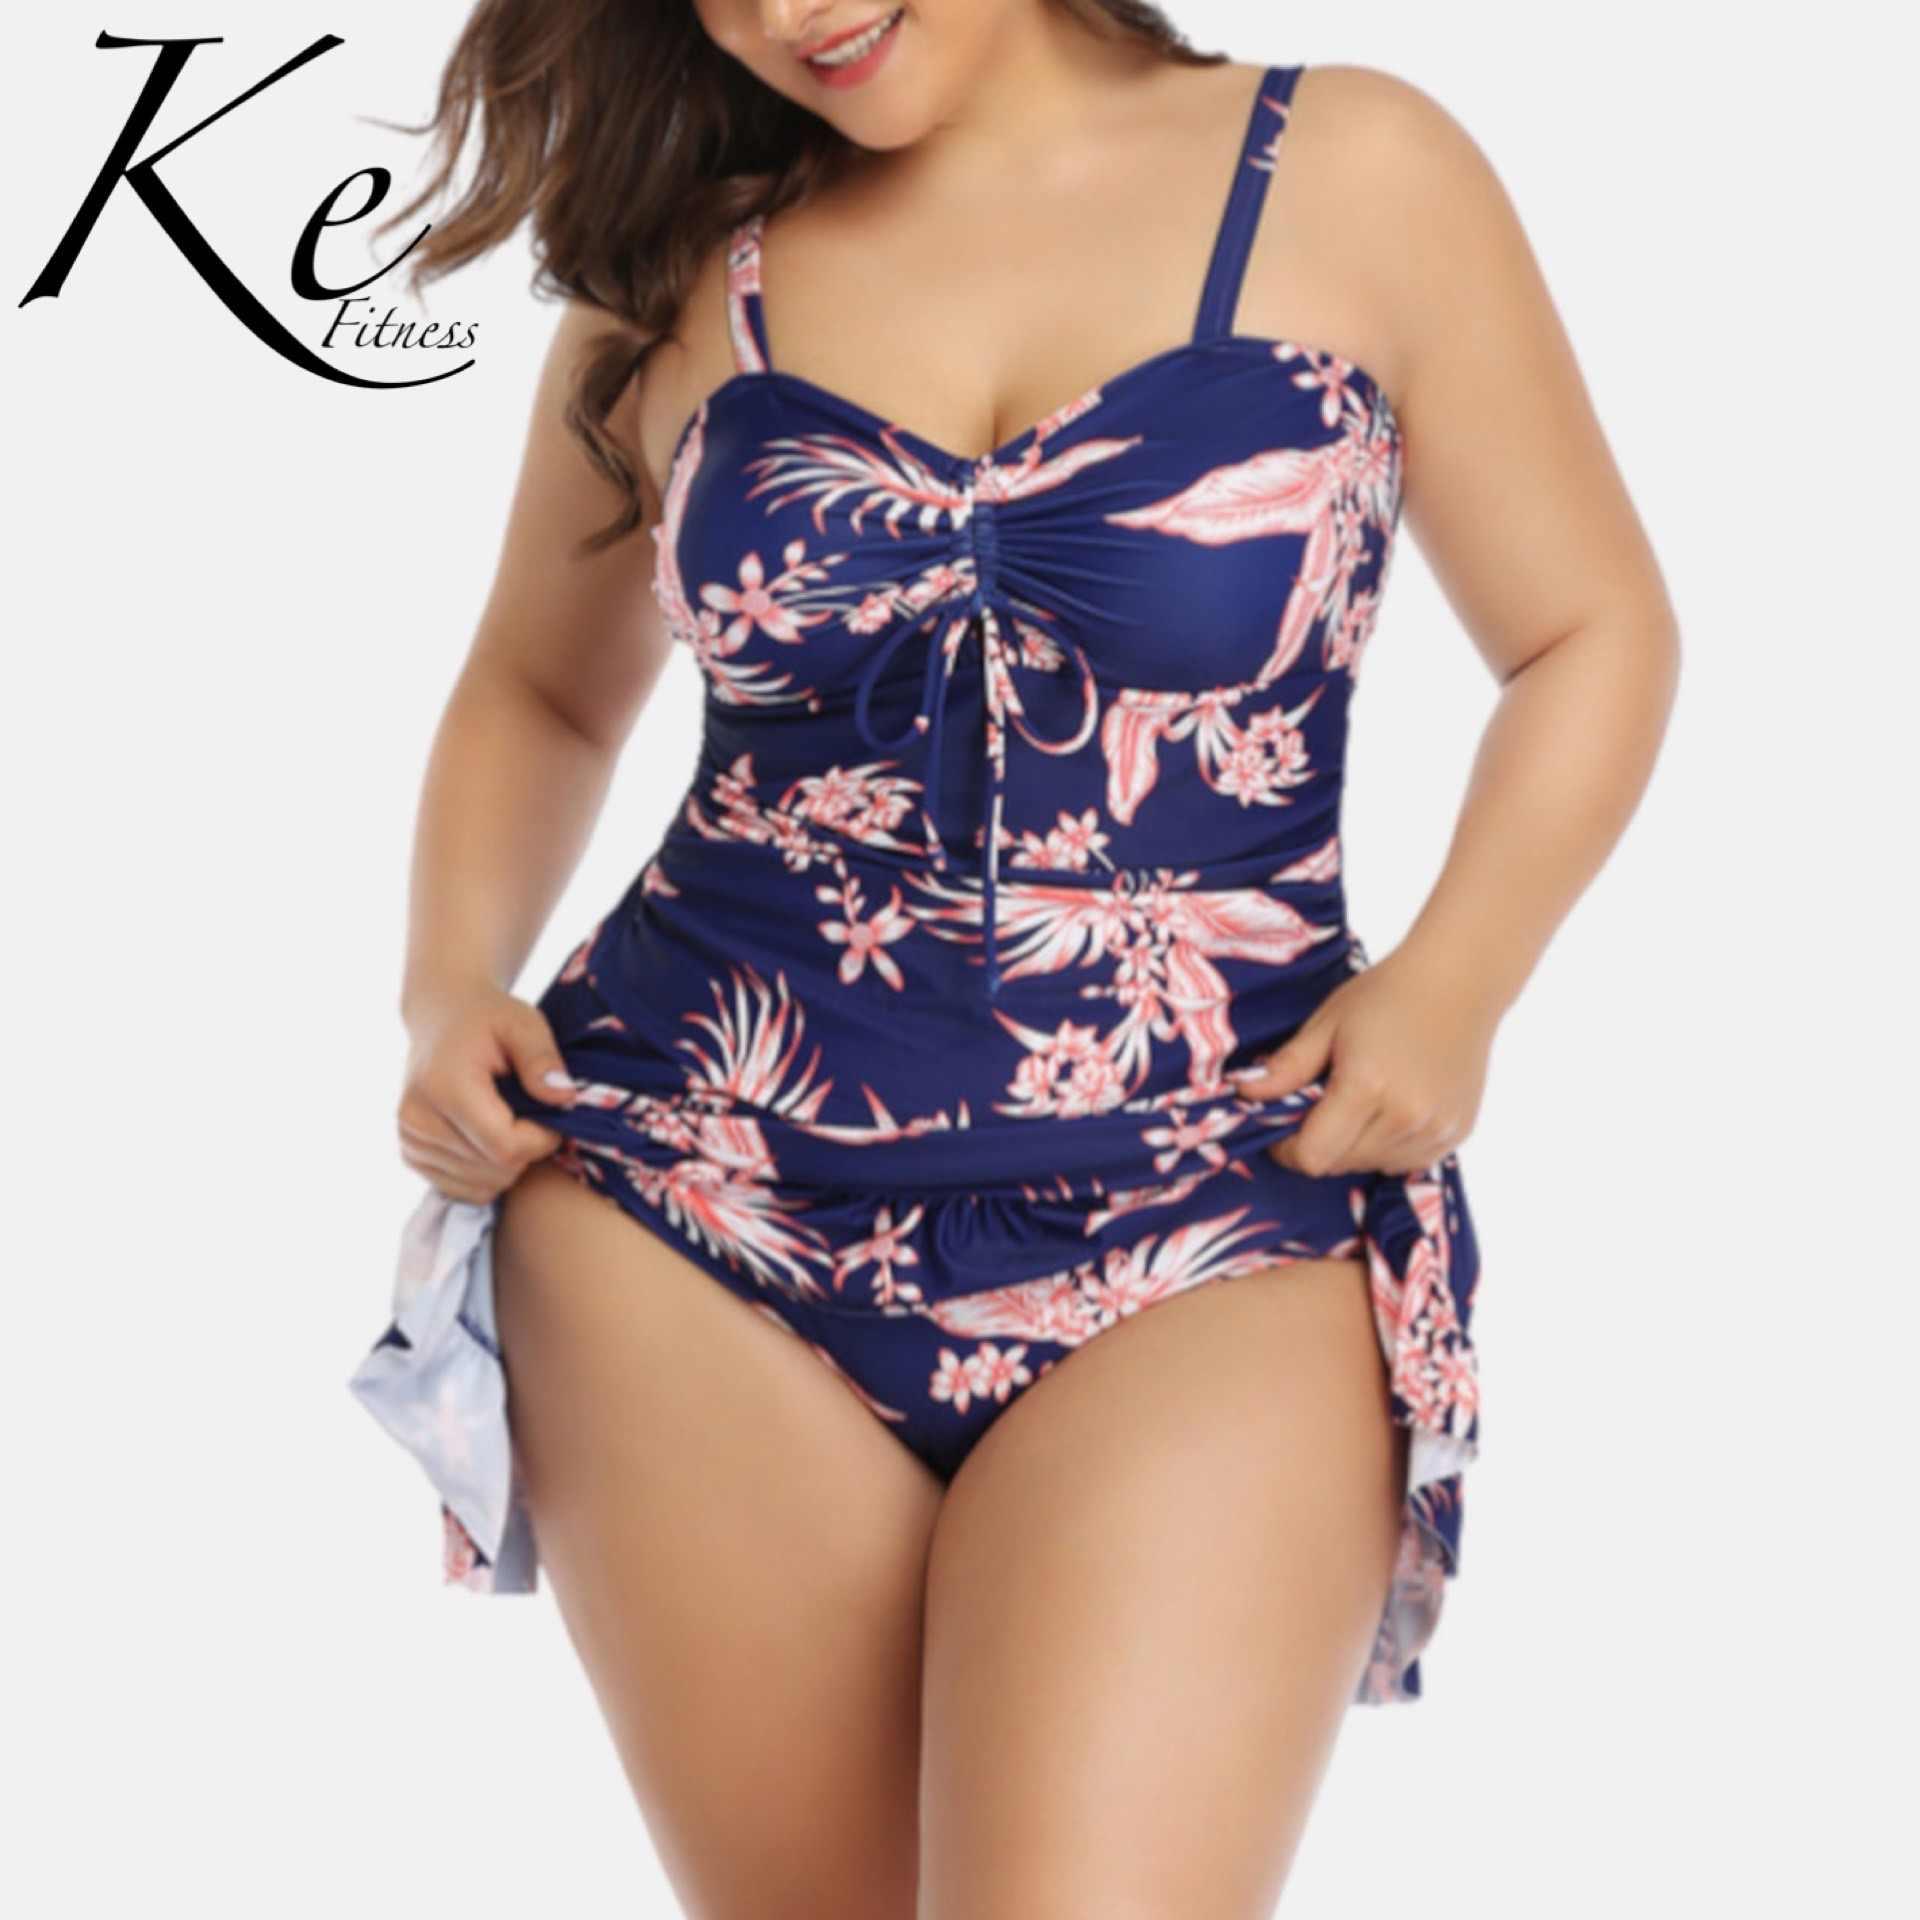 Ke Nueva Coleccion 2020 Falda Con Cordones Talla Grande Extra Grande 5xl Mujer Traje De Bano Dividido Purpura Negro 2 Piezas Conjunto De Bikini Aliexpress